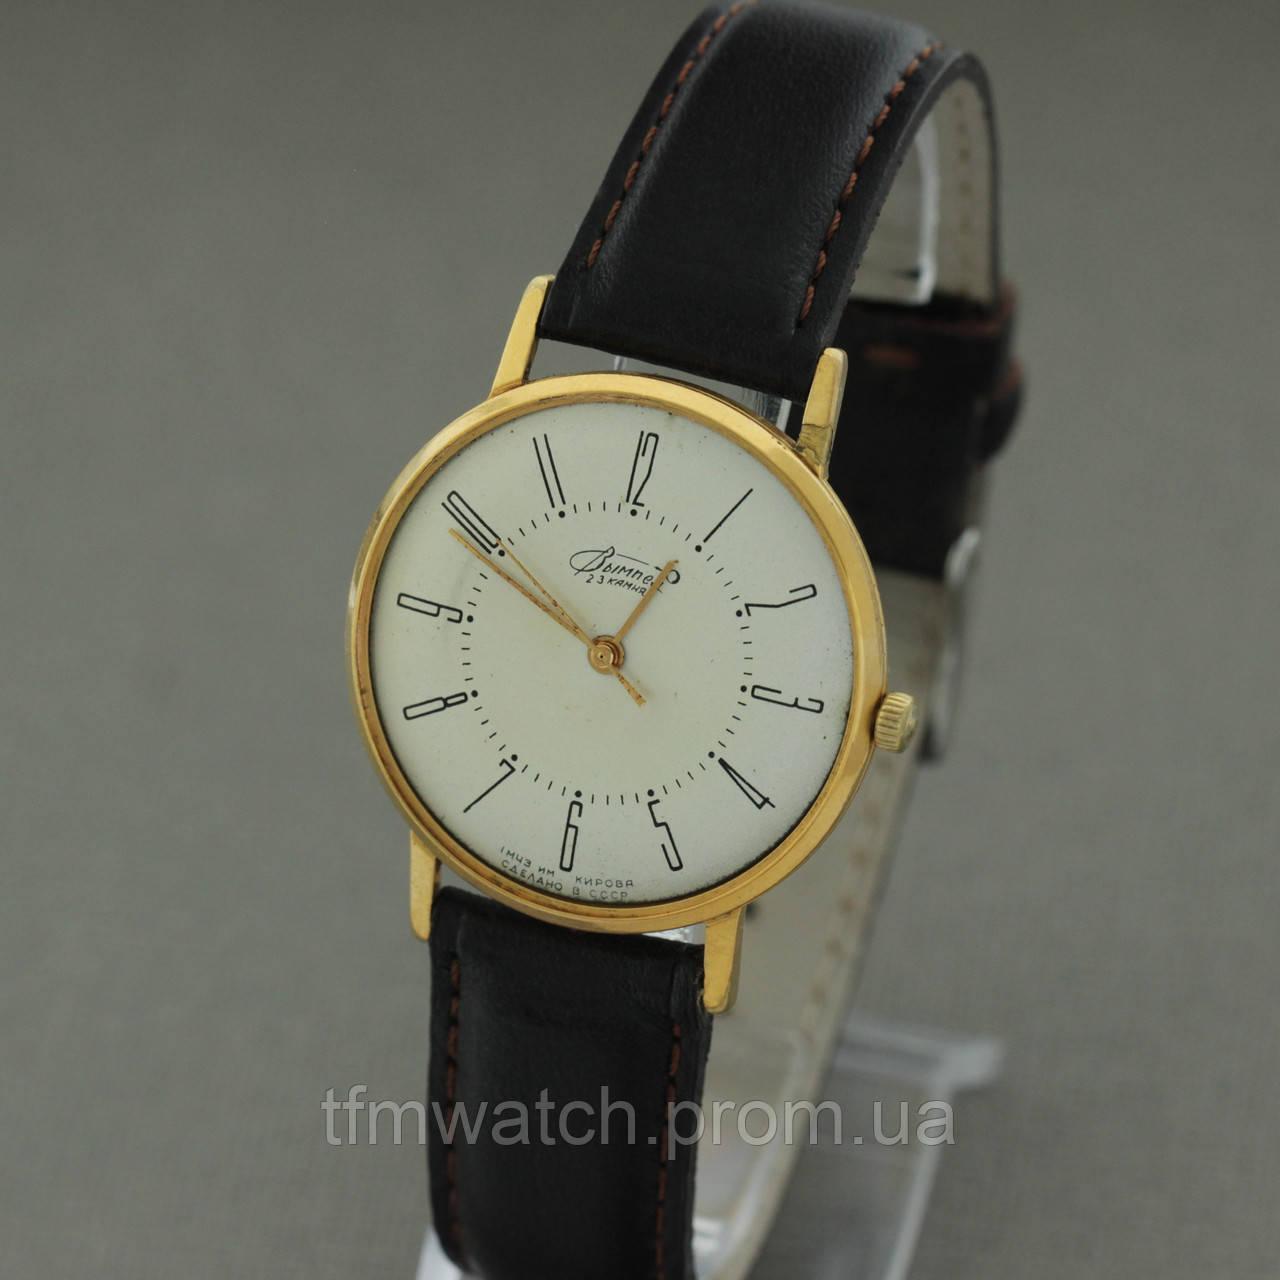 Продать часы вымпел работ ломбардов в пушкине часы